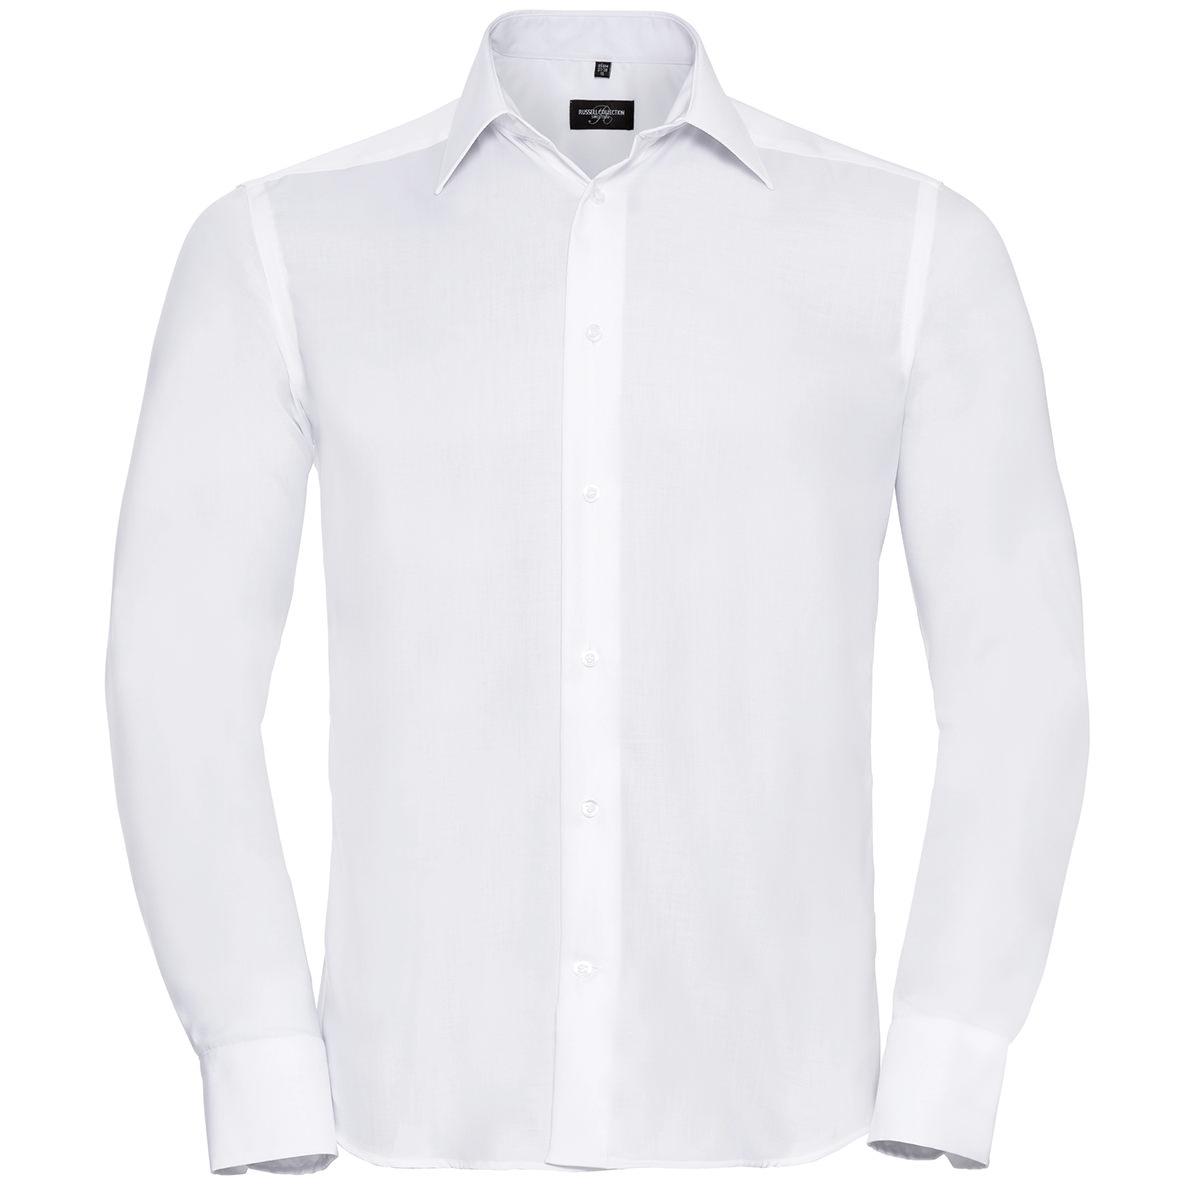 Klassisches bügelfreies Hemd - Langarm